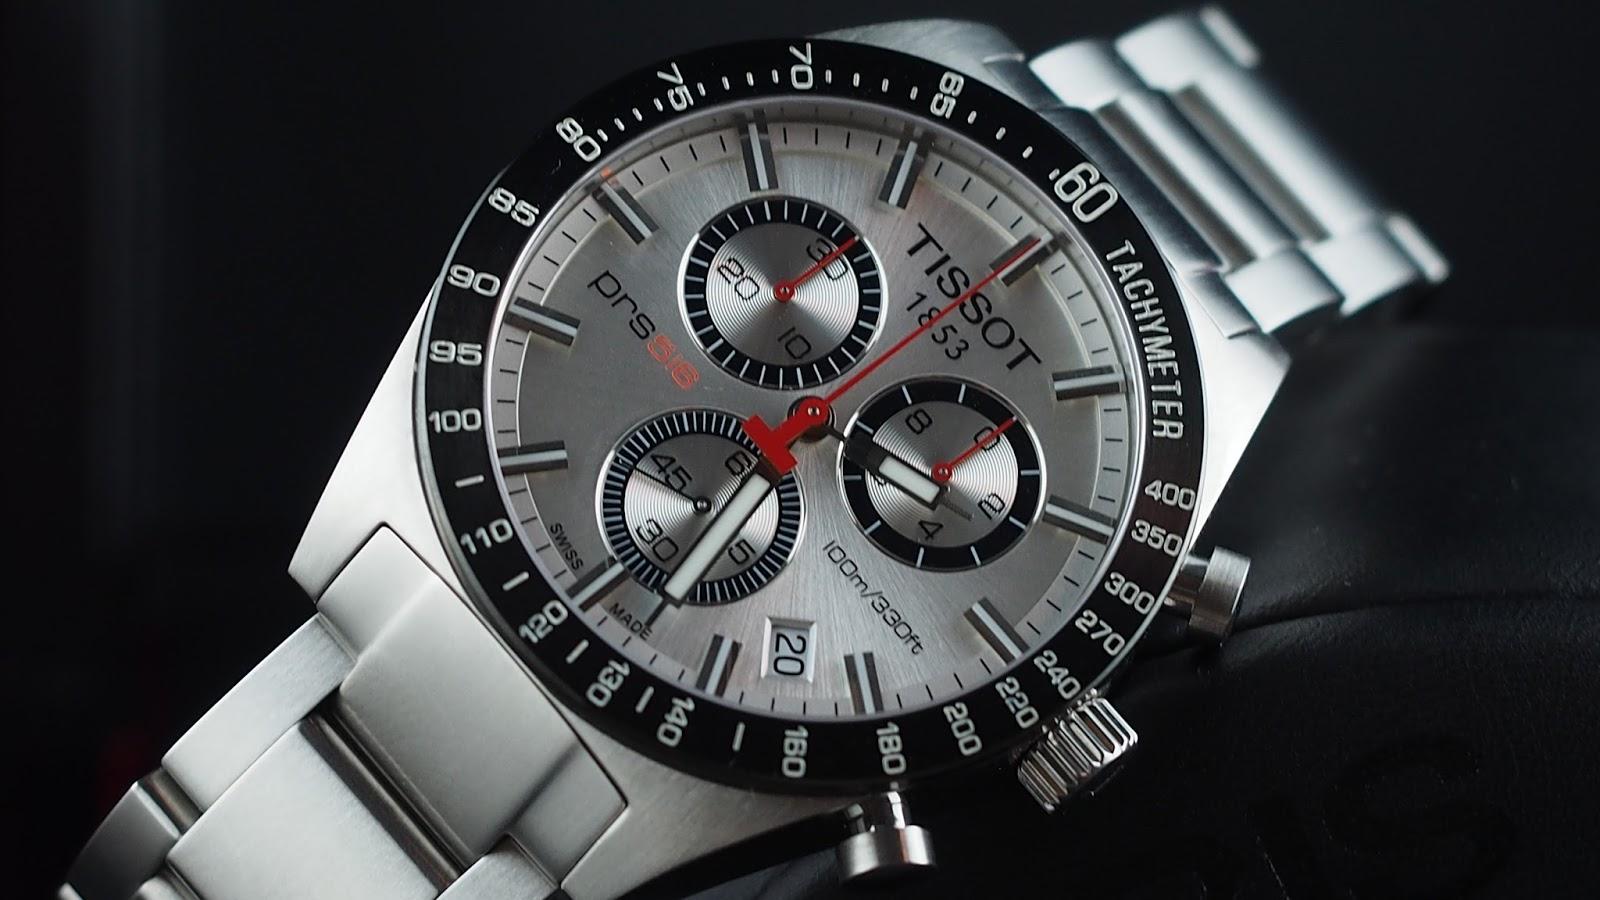 Владельцы моделей серии tissot prs могут похвастаться сочетанием в своих часах новейших технических достижений швейцарской часовой промышленности и ностальгических деталей дизайна, на тему гонок.